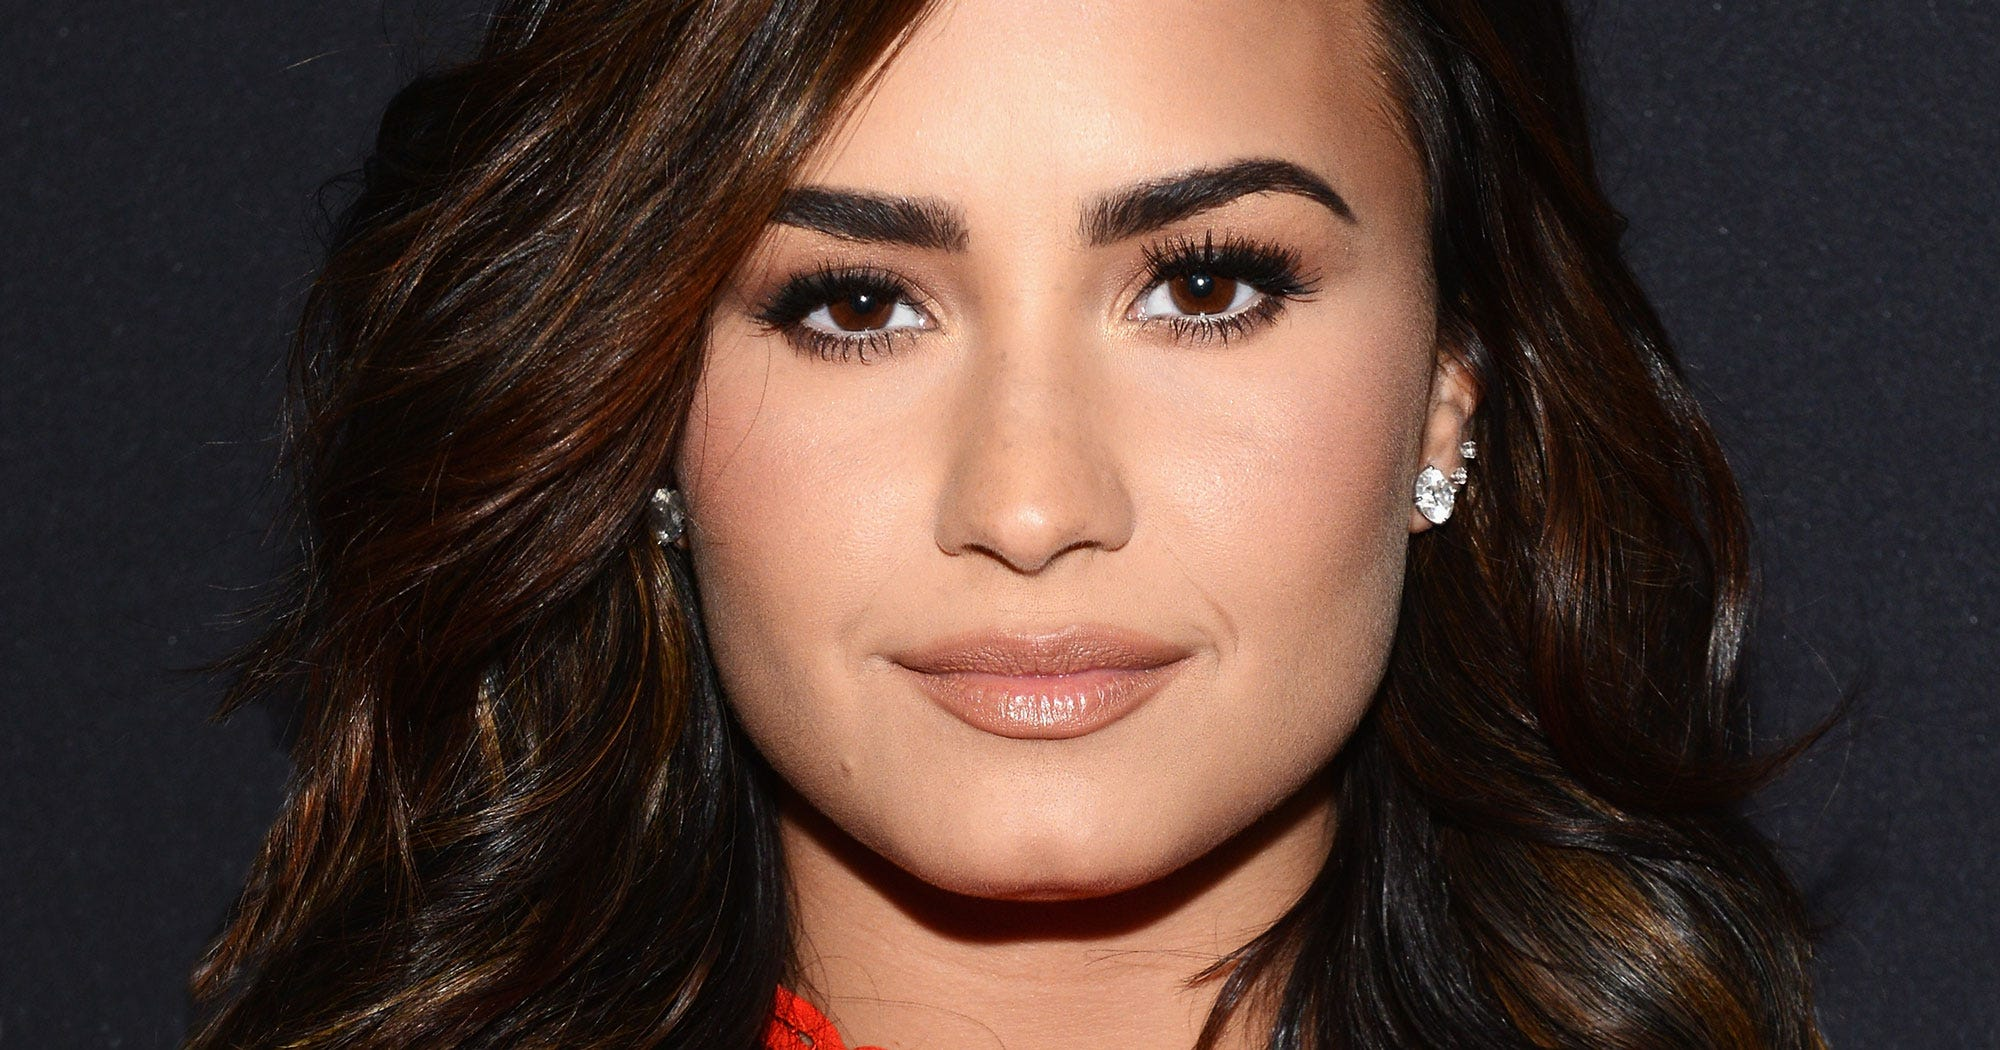 Demi Lovato Blonde Hair Instagram